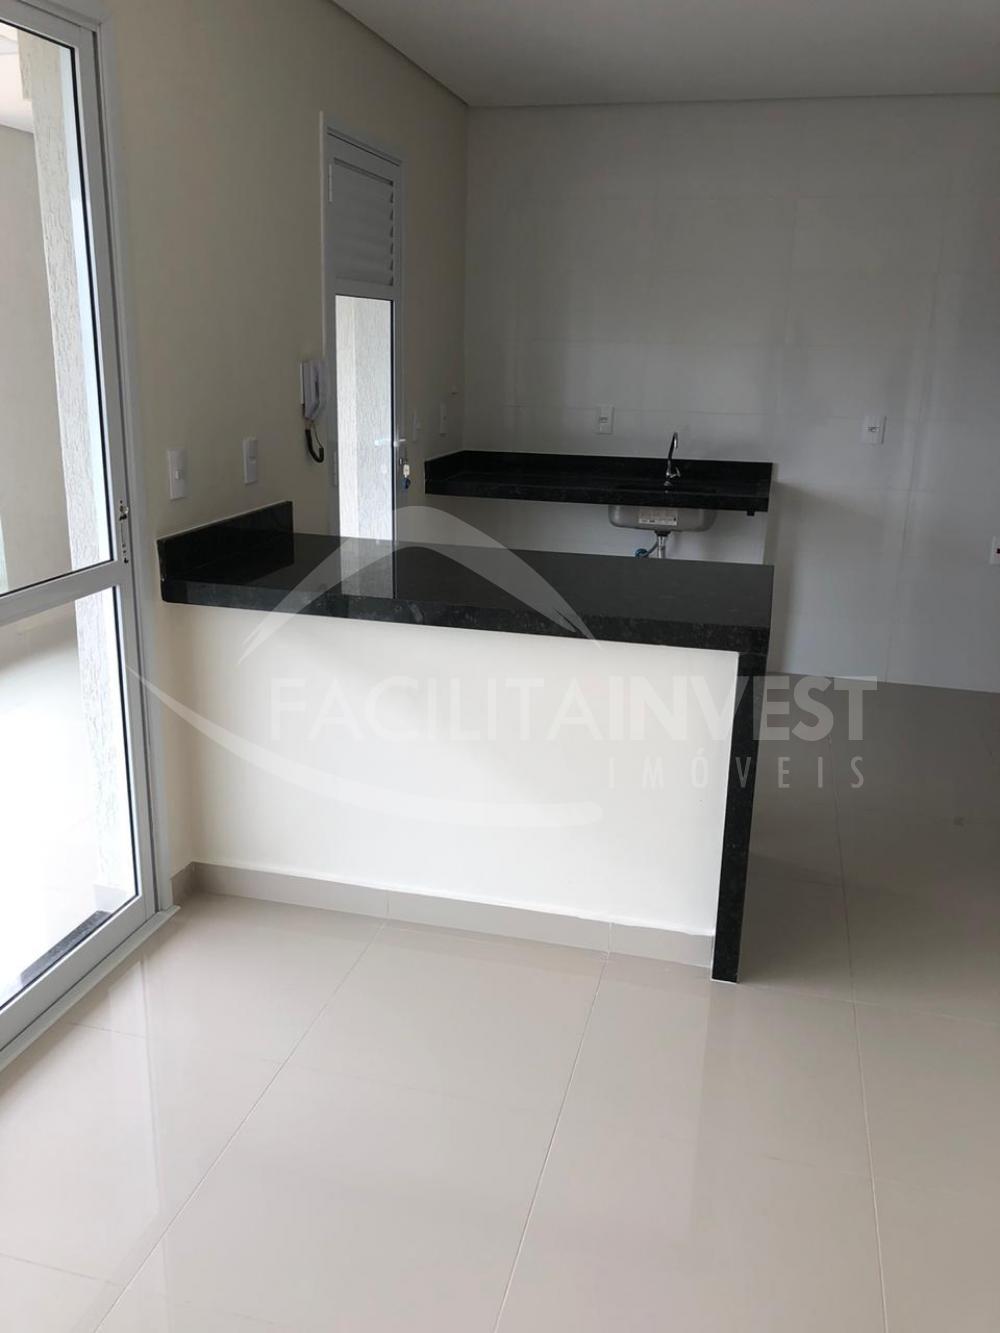 Alugar Apartamentos / Apart. Padrão em Ribeirão Preto apenas R$ 2.800,00 - Foto 3